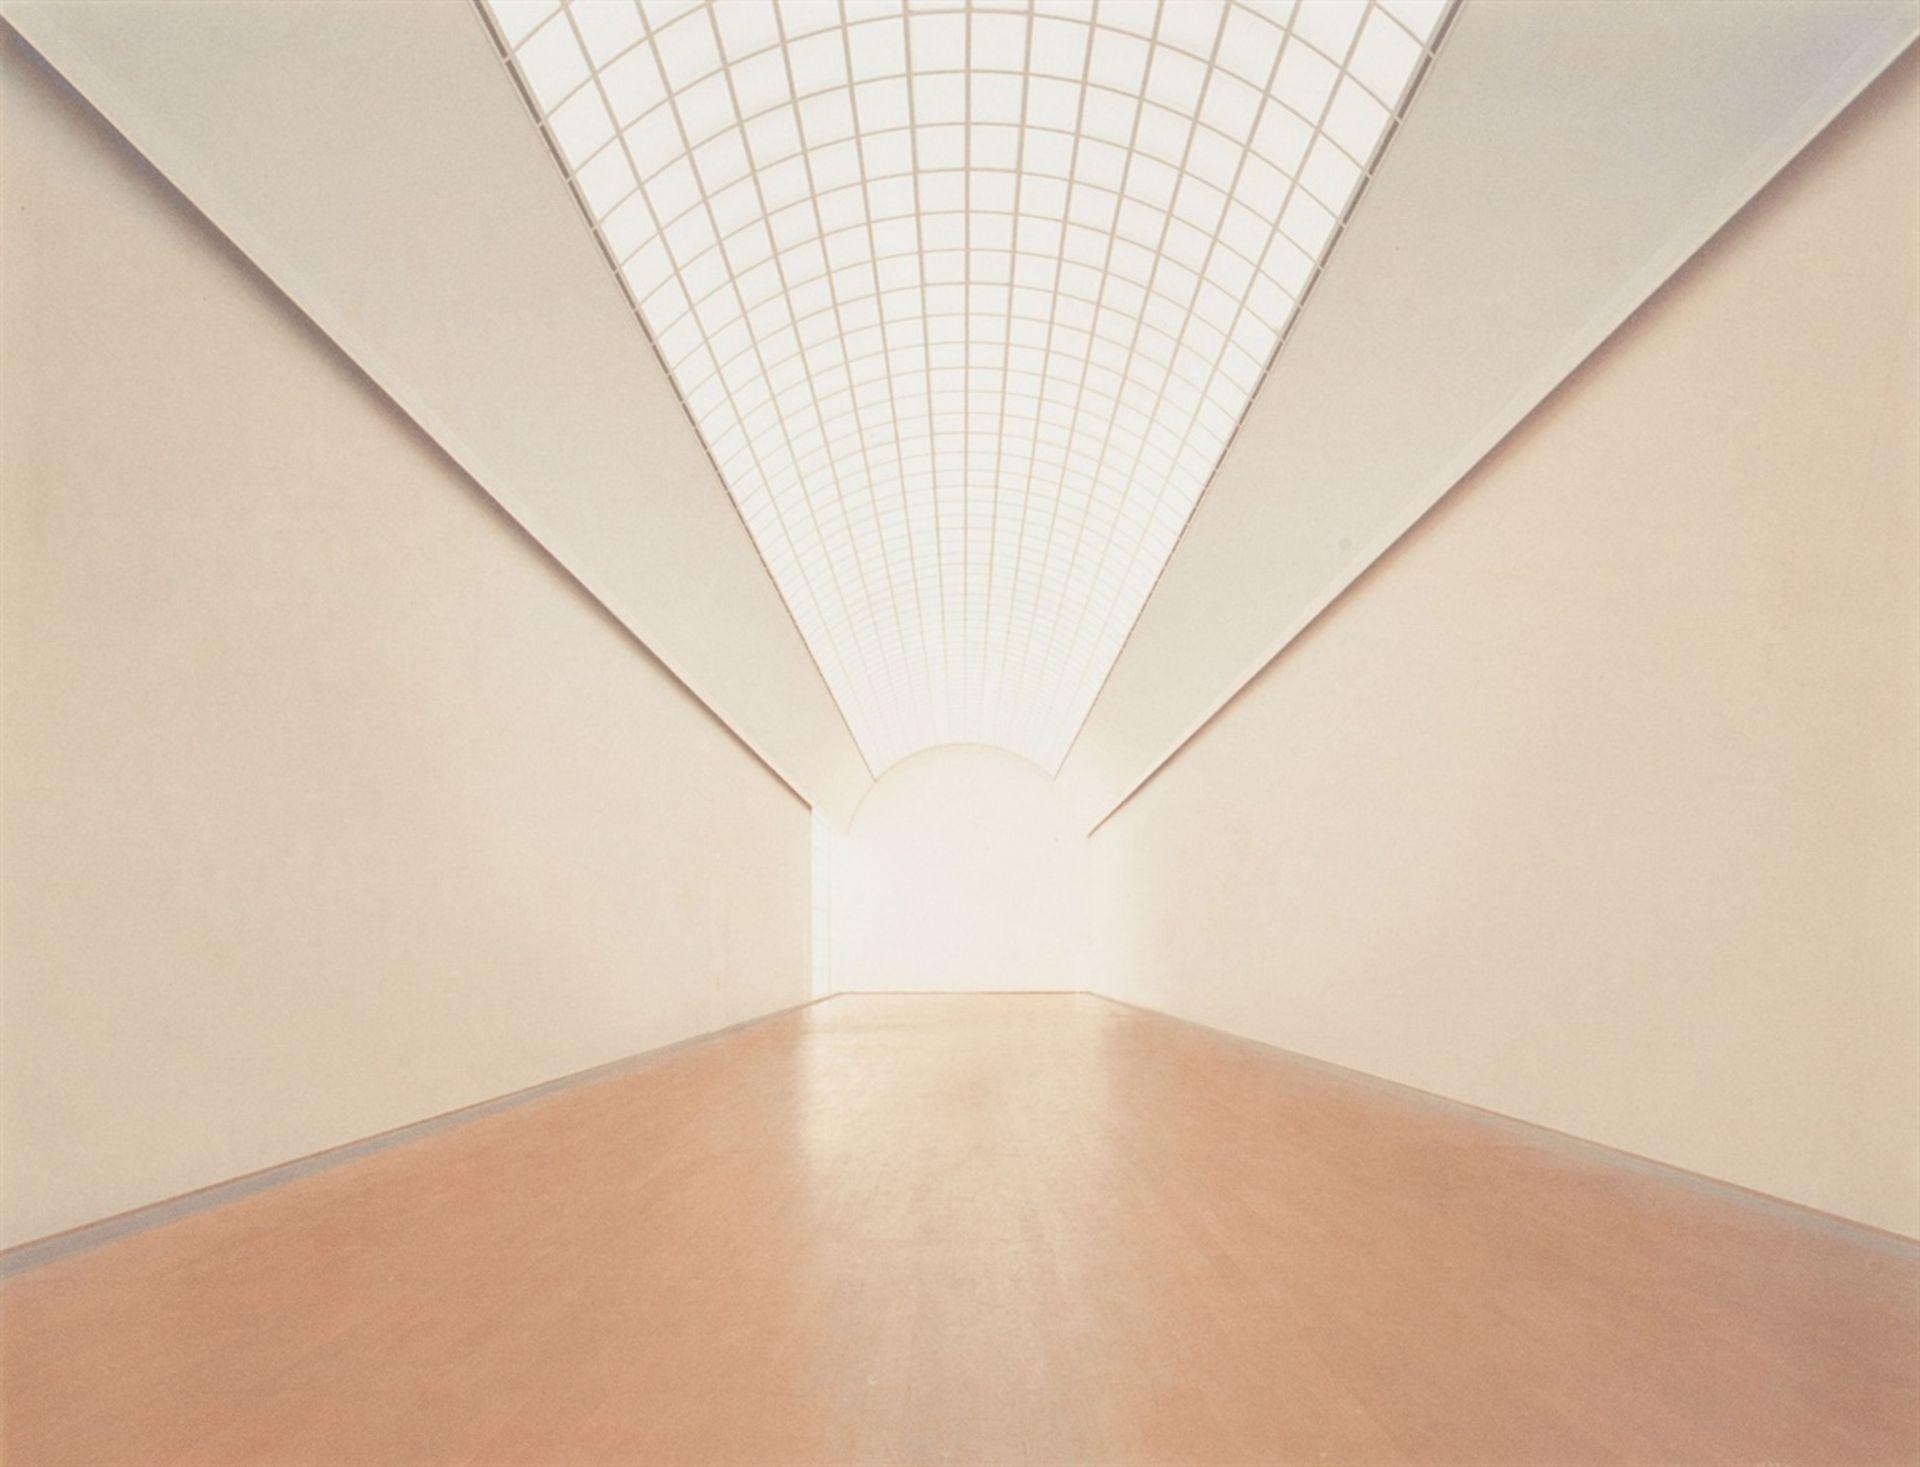 Elmgreen & DragsetOhne Titel (aus der Serie: Deutsche Museen) - Bild 5 aus 8